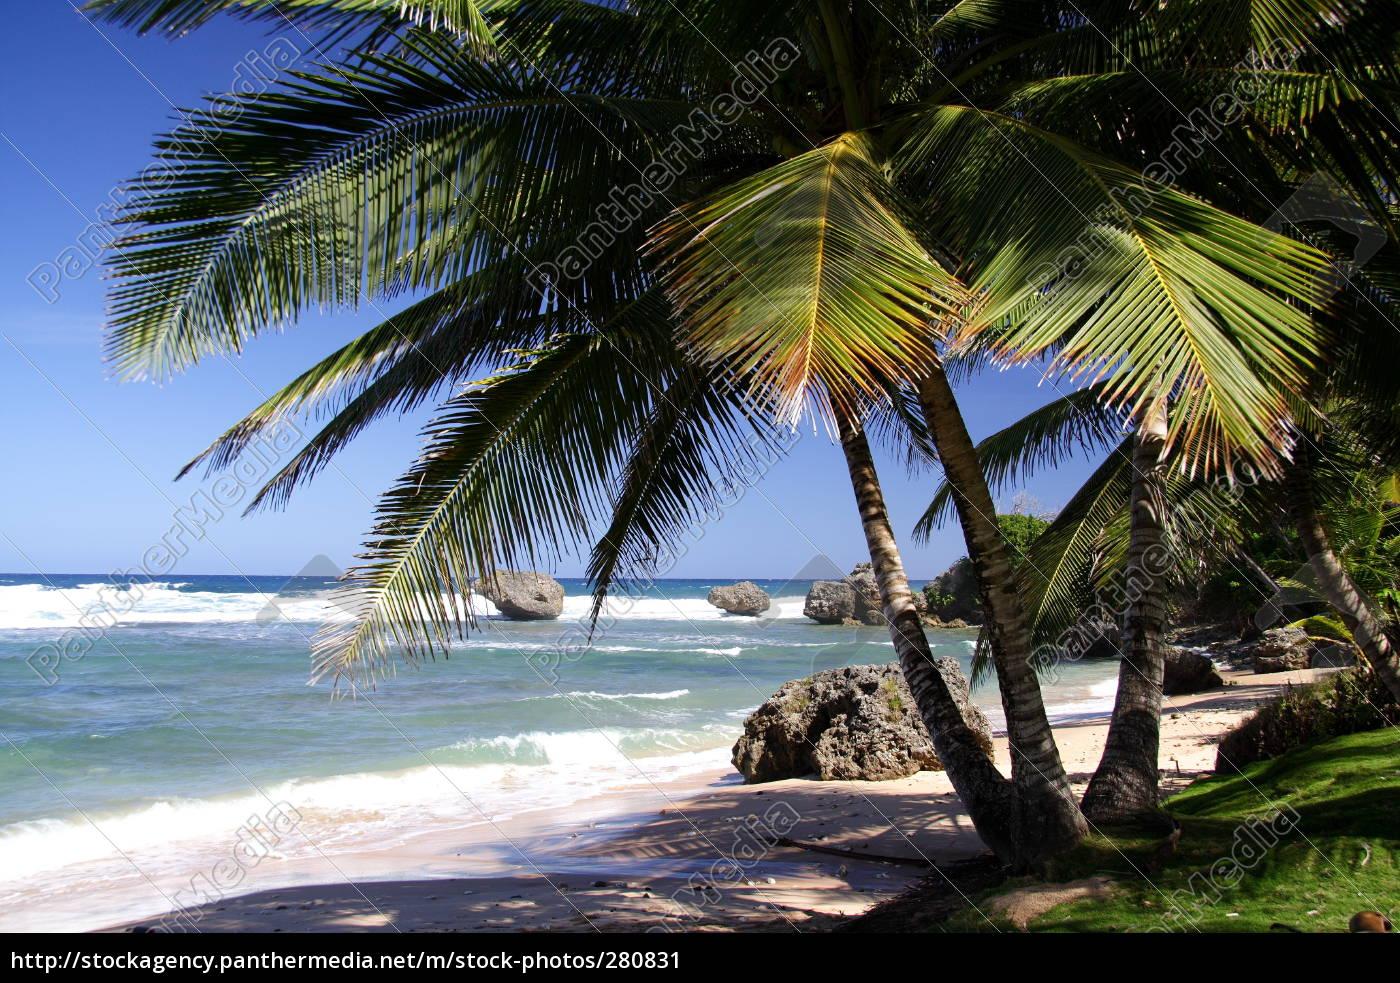 tropical, beach - 280831